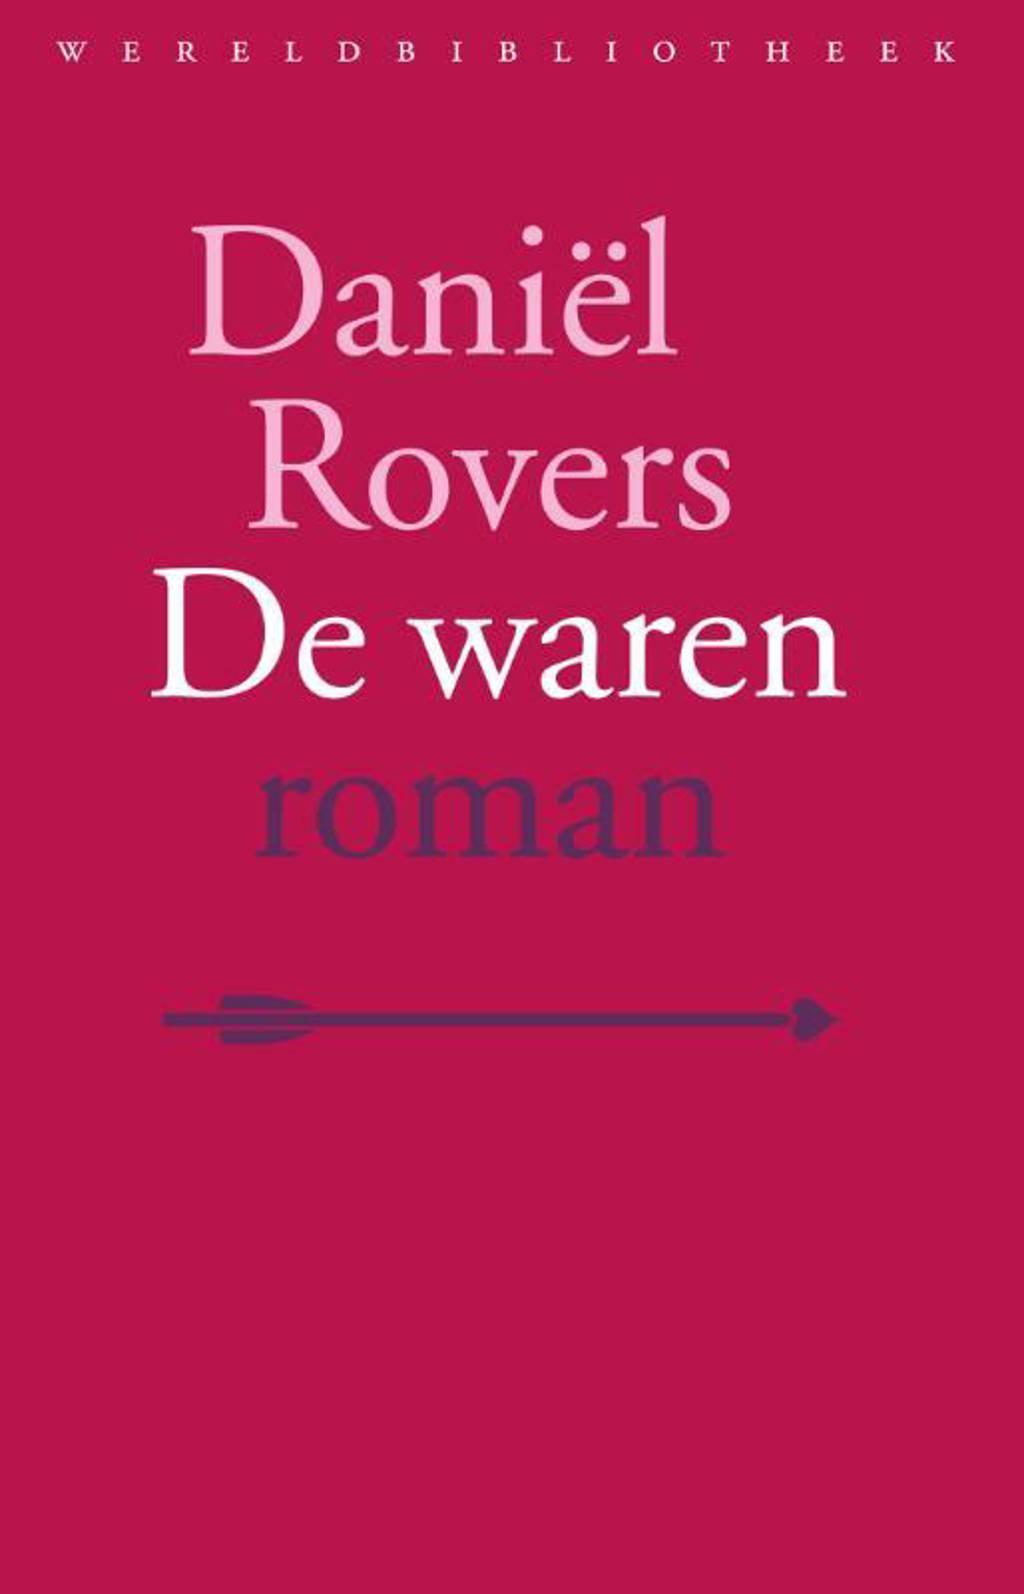 De waren - Daniël Rovers